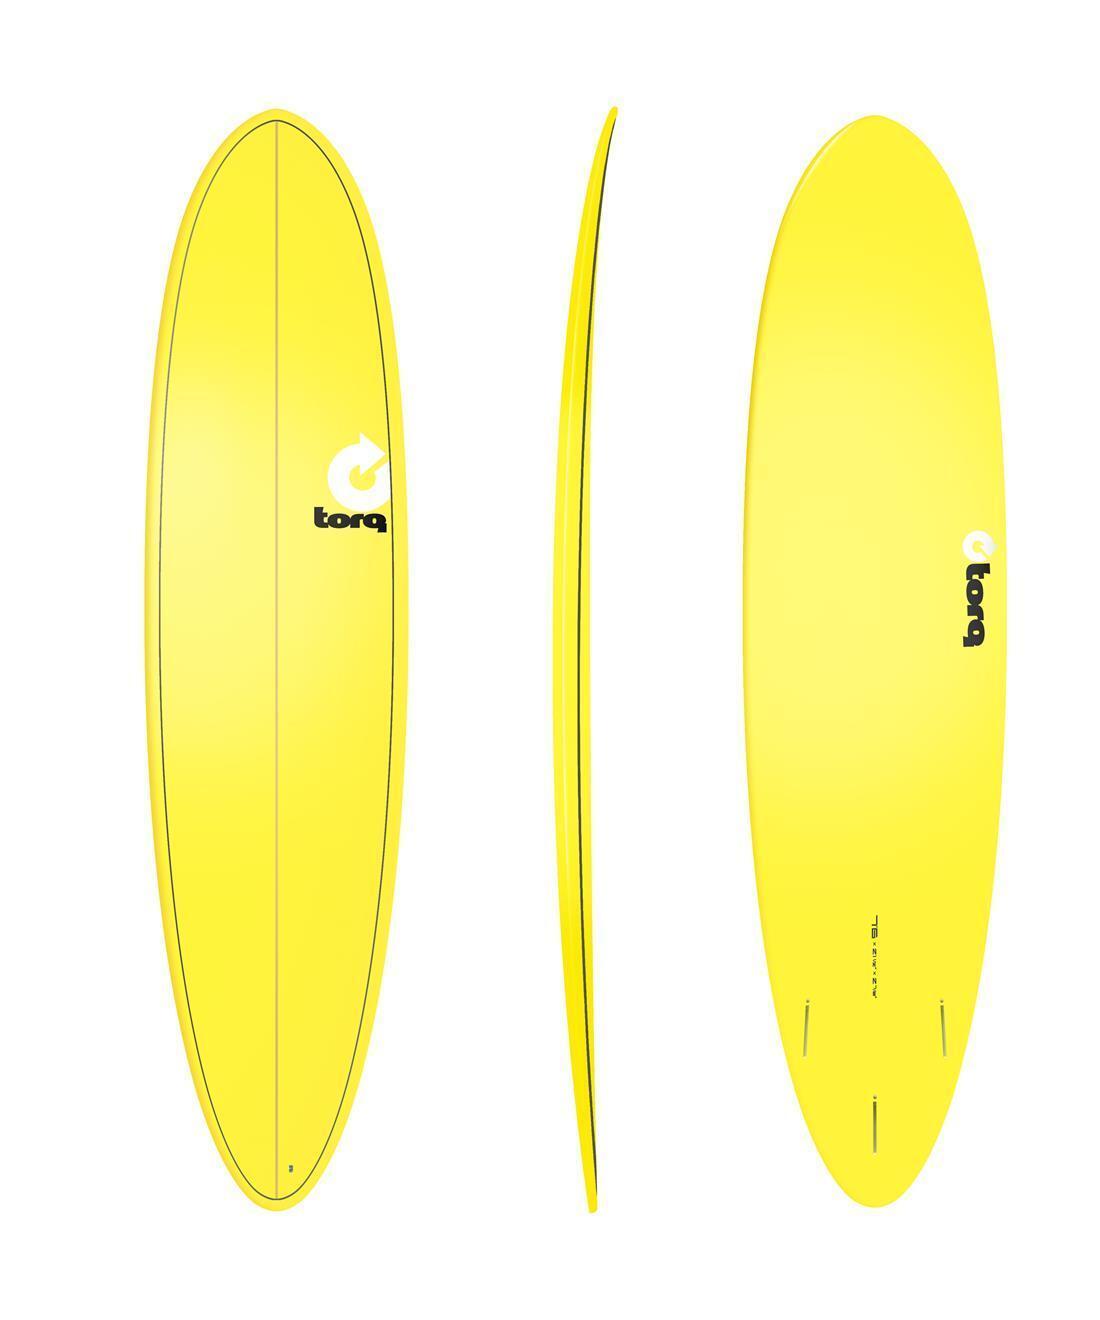 Tabla de Surf Torq Epoxy 7.6 Funboard Amarillo Surefero Board Nuevo